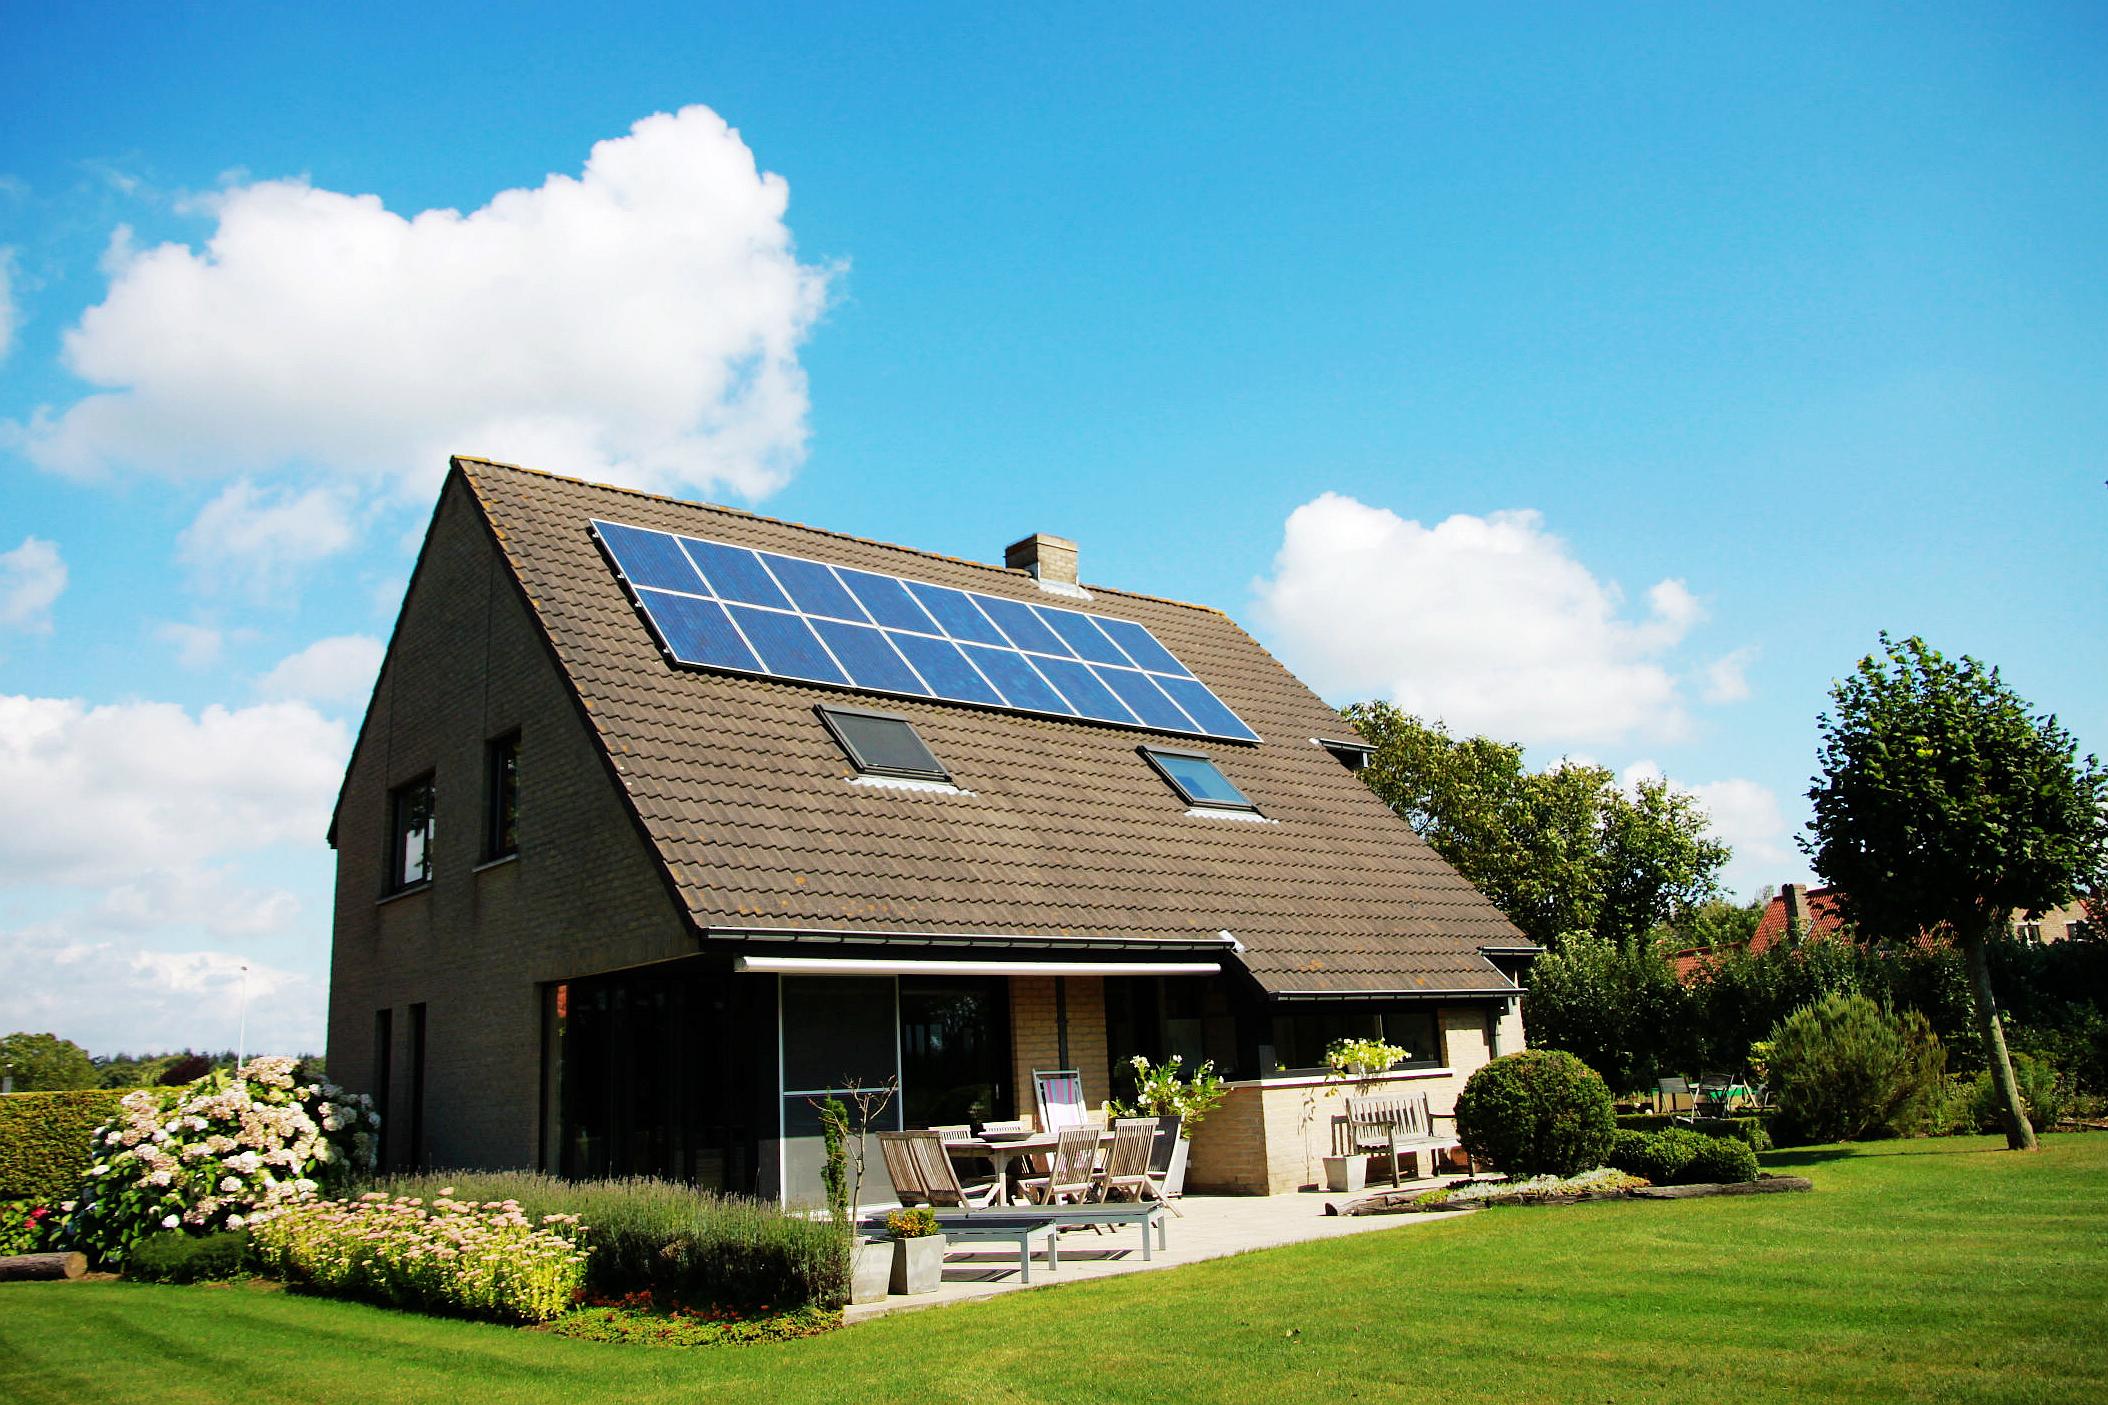 Eine Dacheindeckung, um die Sonnenergie zu nutzen. Foto: feetitchy via Twenty20